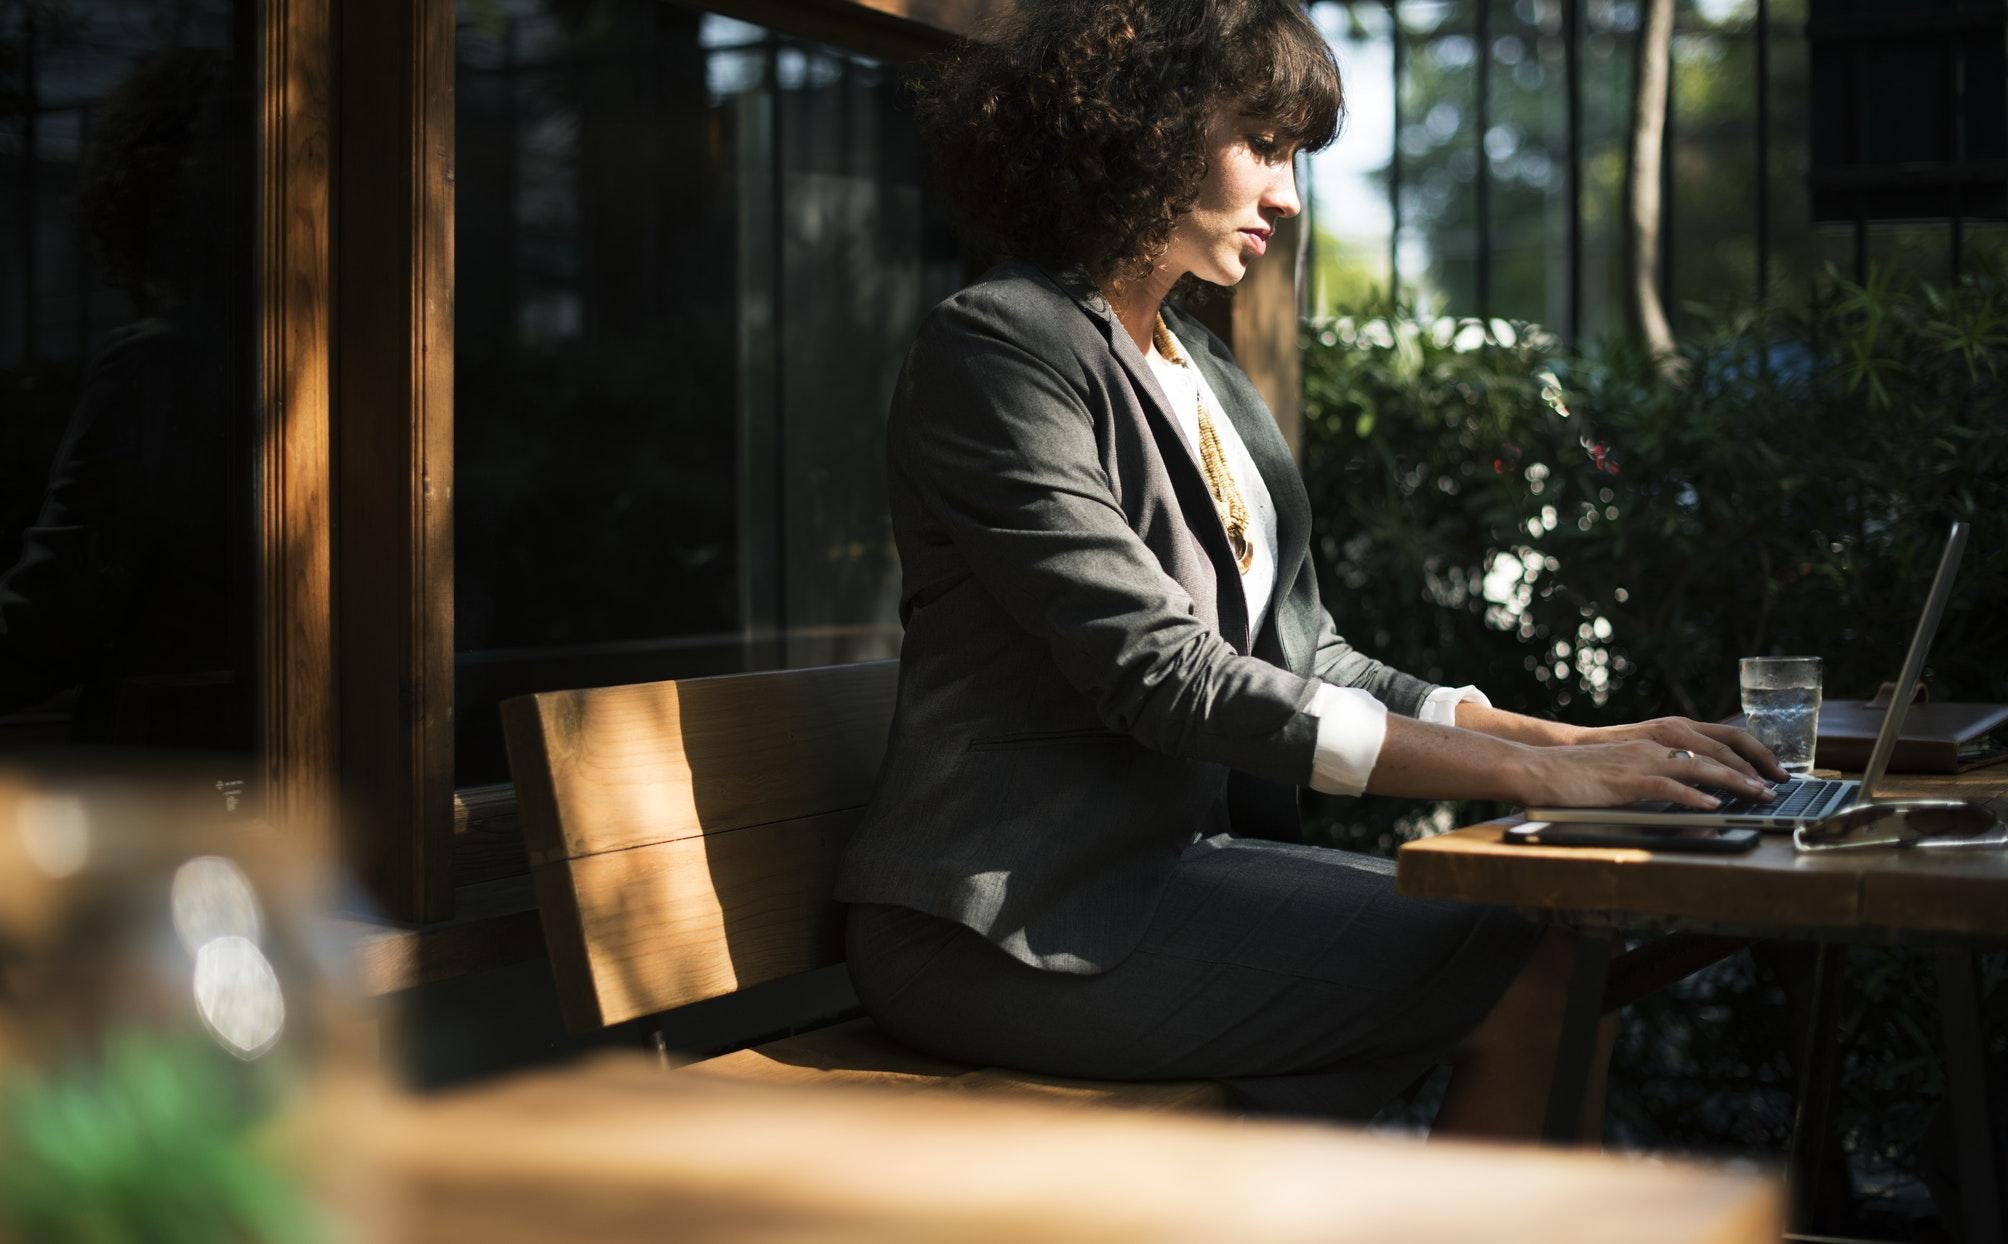 Human Resources Specialist Job Description - HR Path